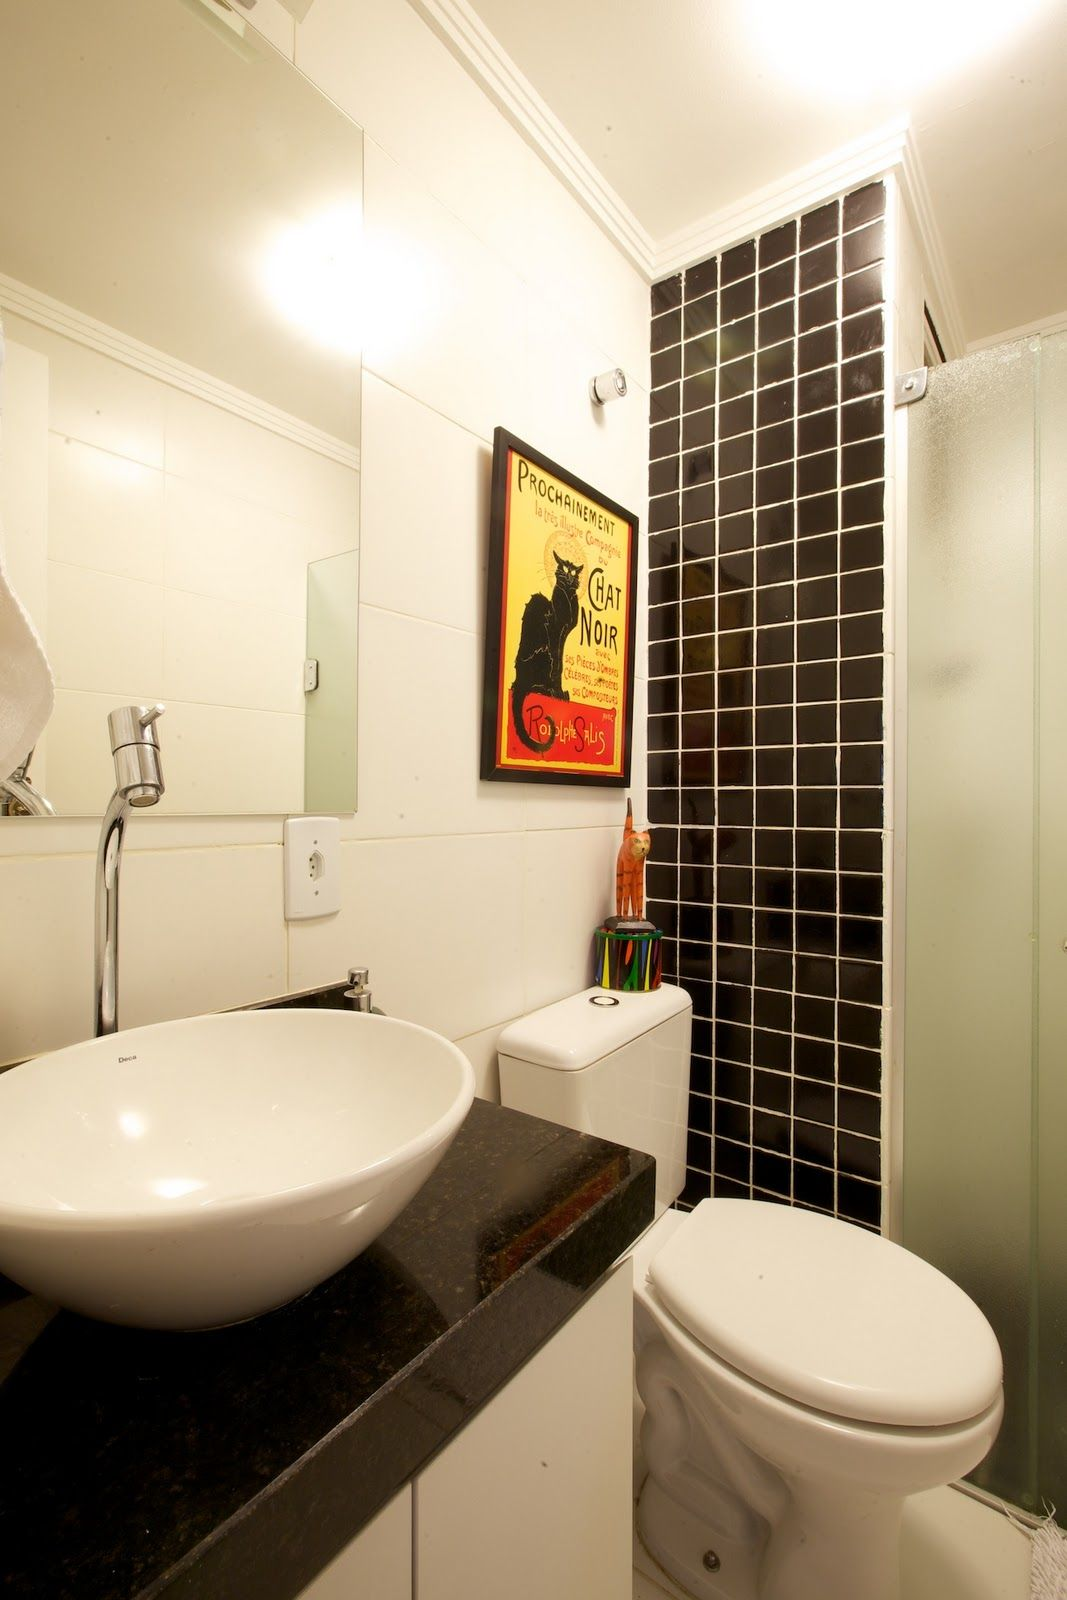 banheiro pequeno lar doce lar Pinterest #BC8C0F 1067x1600 Banheiro Com Banheira Pequeno